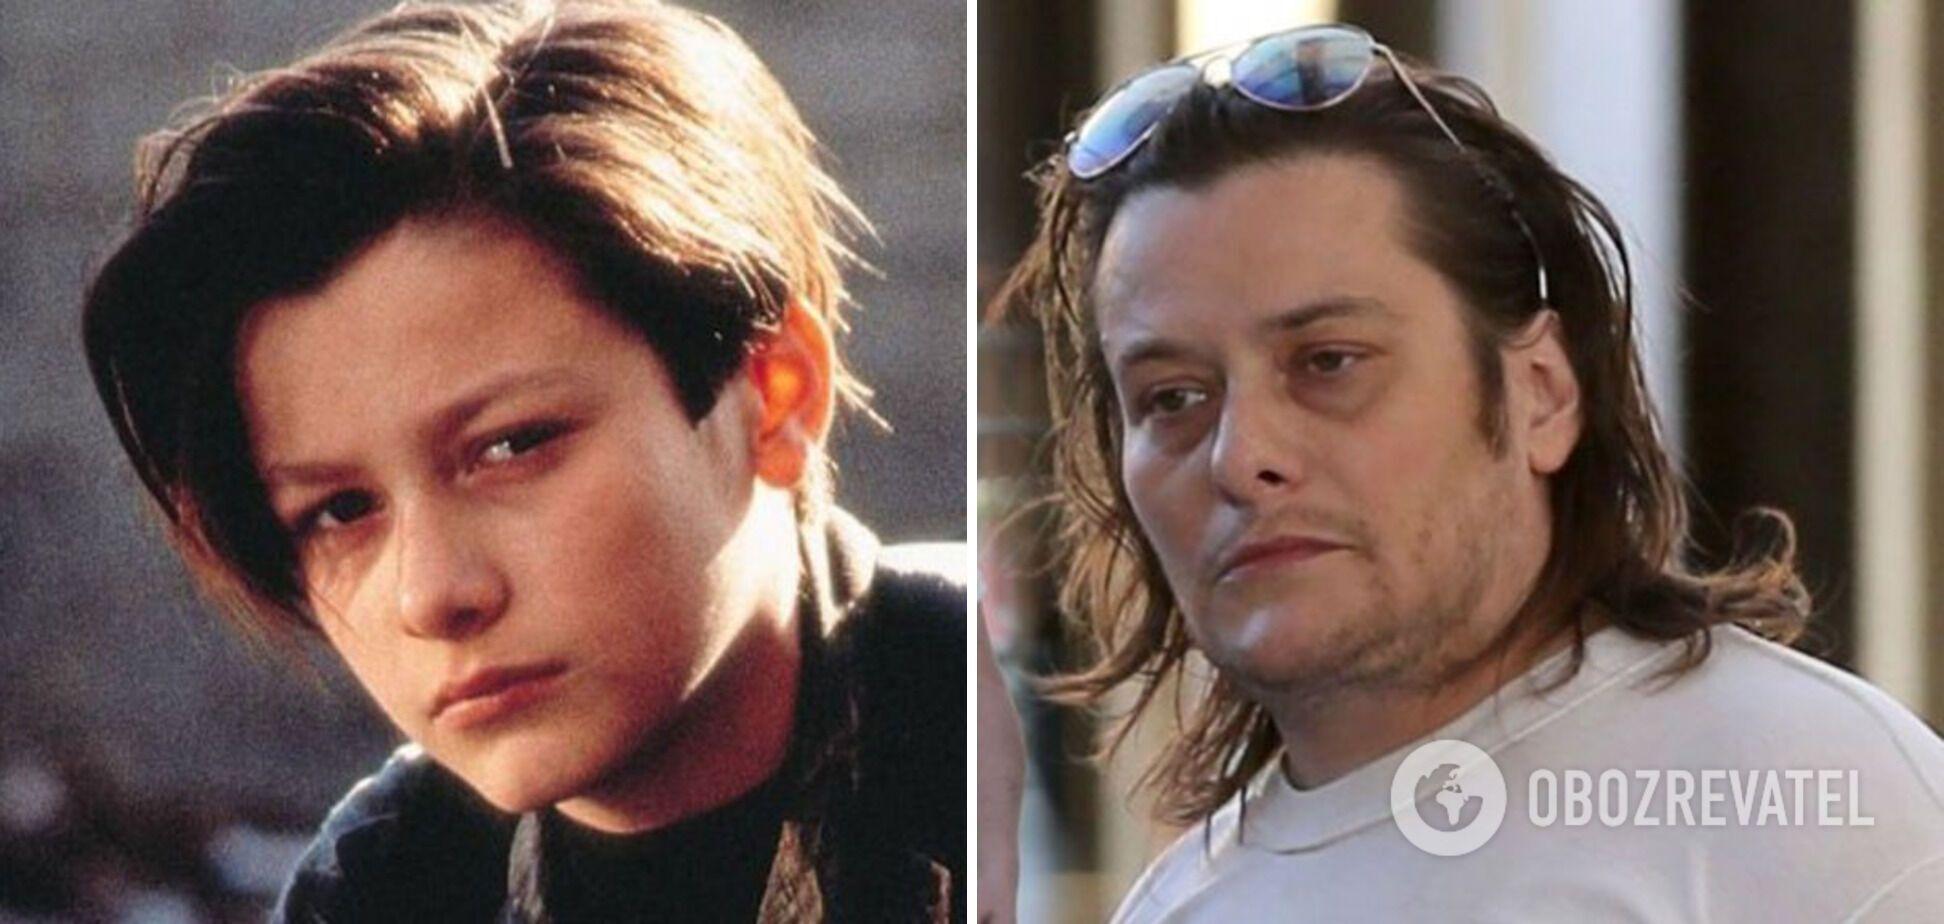 """Актор фільму """"Термінатор"""" через зайві кілограми більше не грав у відомих фільмах."""